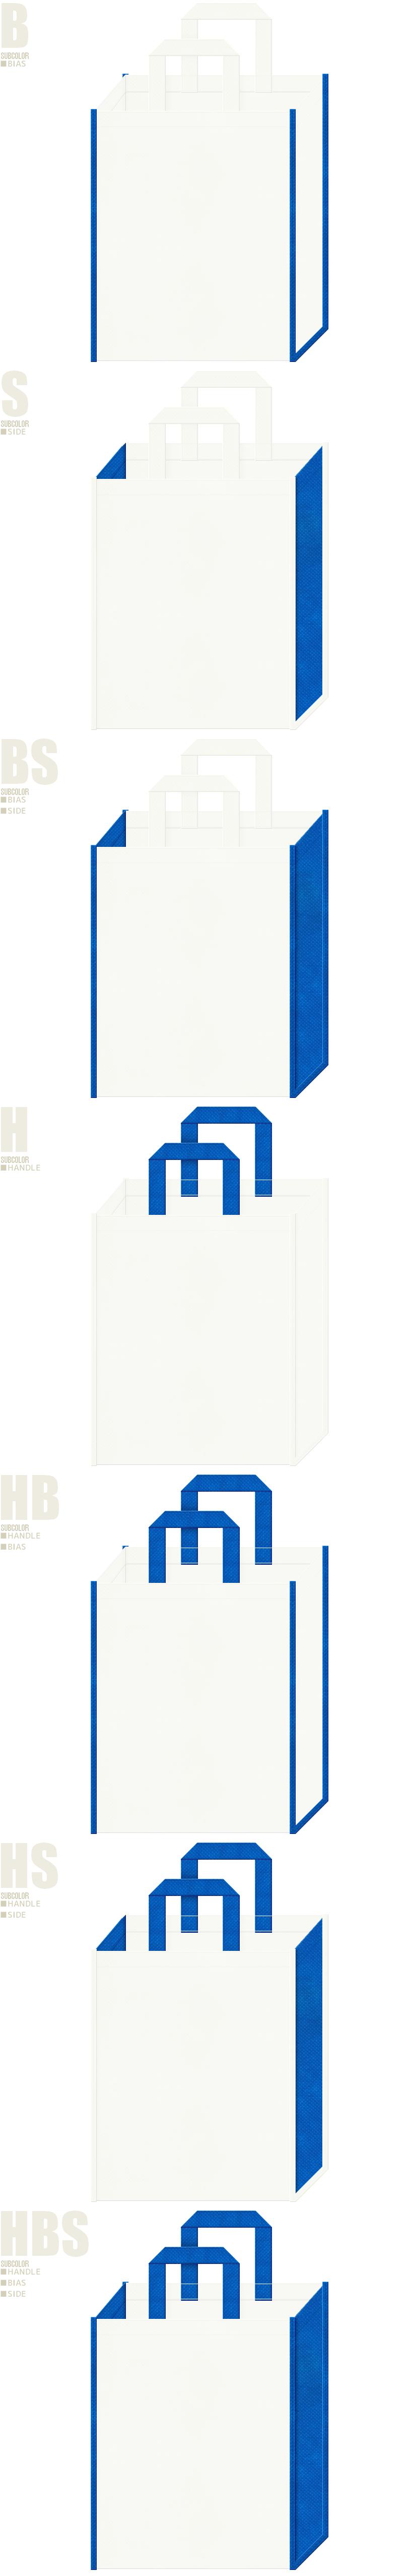 不織布トートバッグのデザイン例-不織布メインカラーNo.12+サブカラーNo.22の2色7パターン